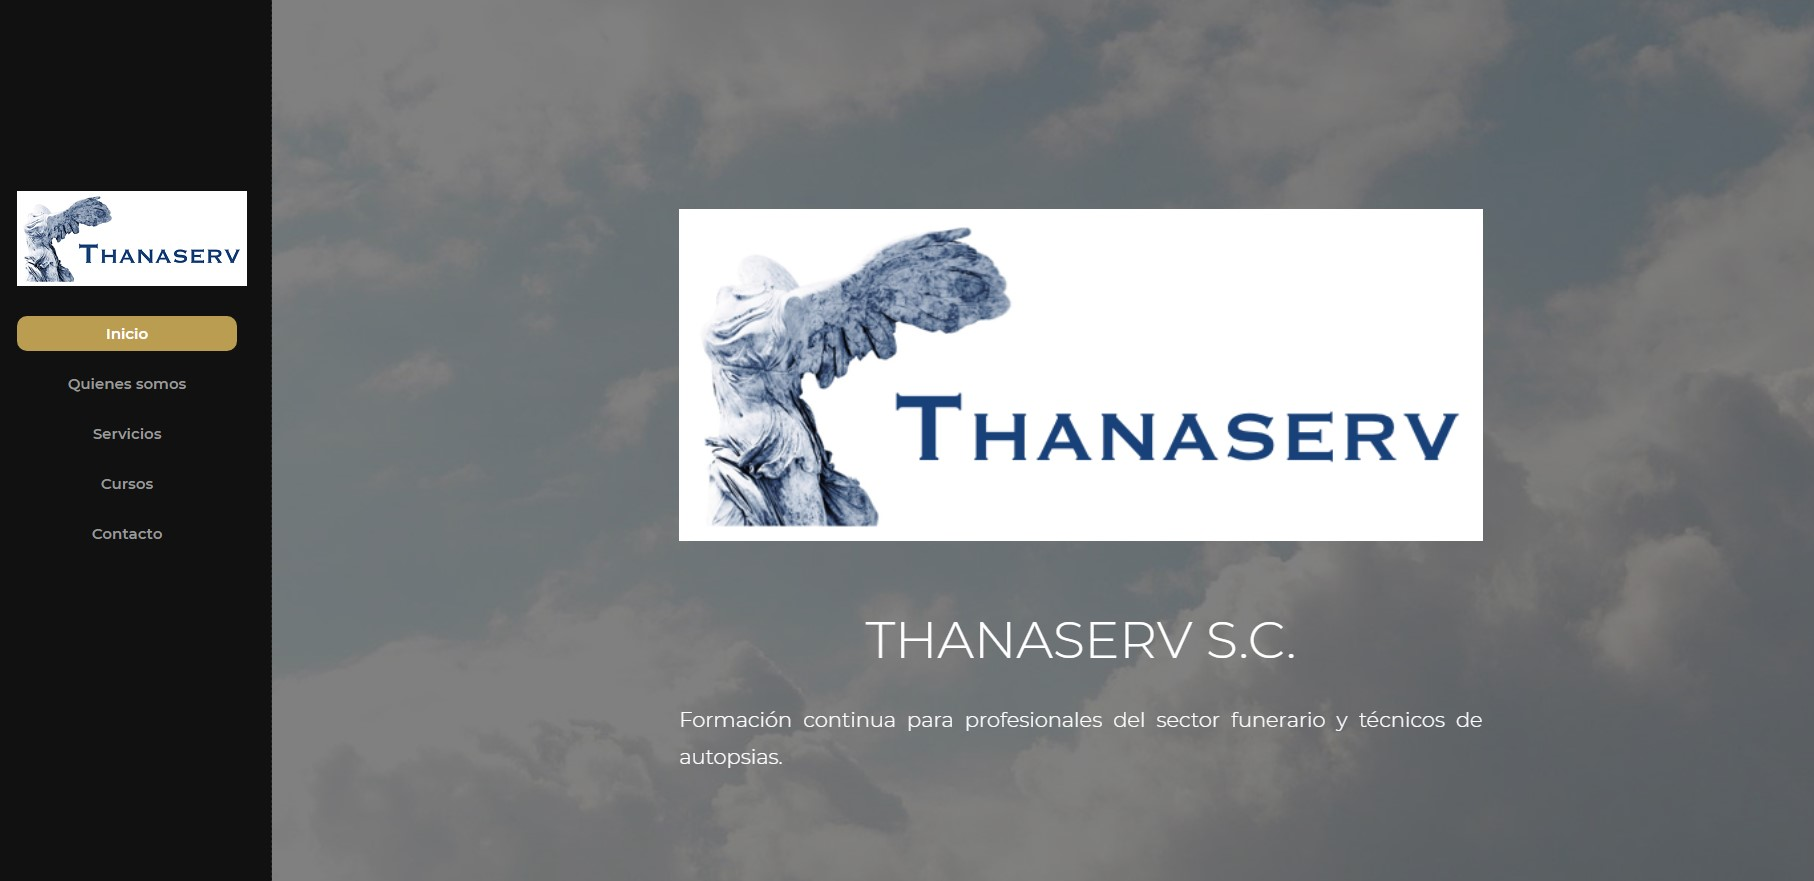 THANASERV S.C. - Empresa de referencia en tanatopráxia con amplia experiencia en el sector.